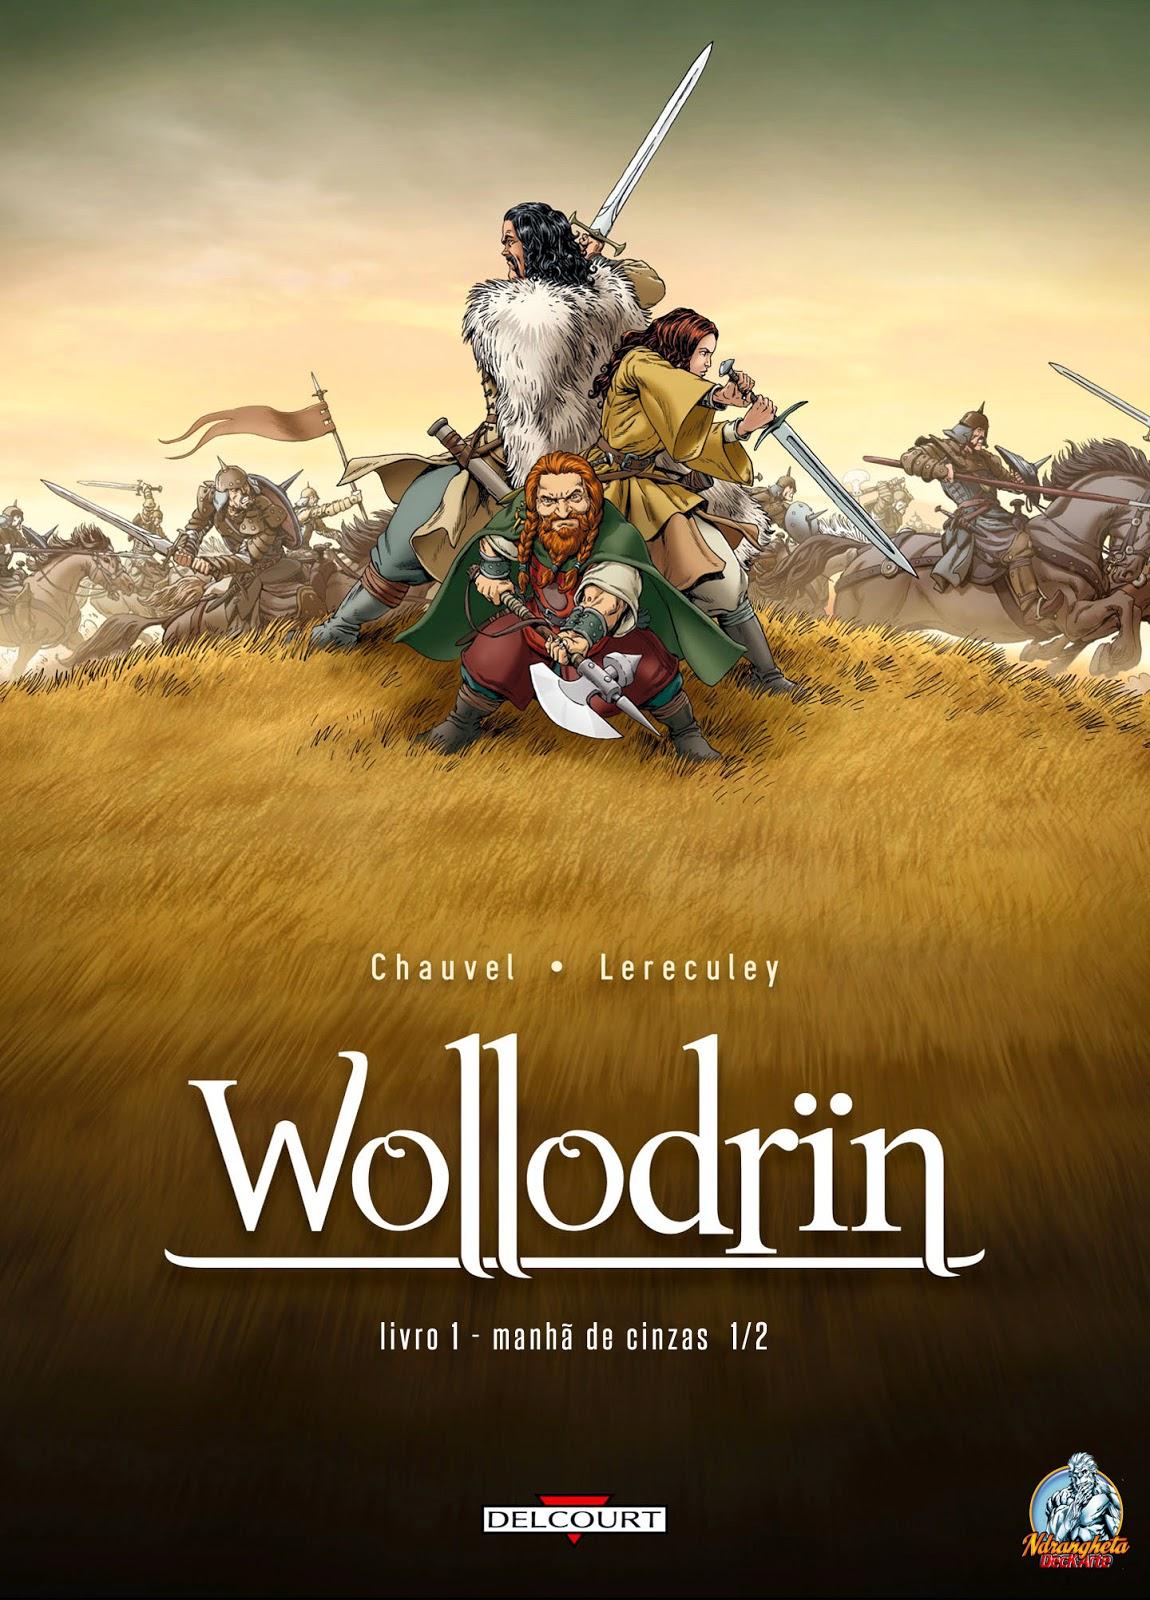 Wollodr%C3%AFn0100.jpg